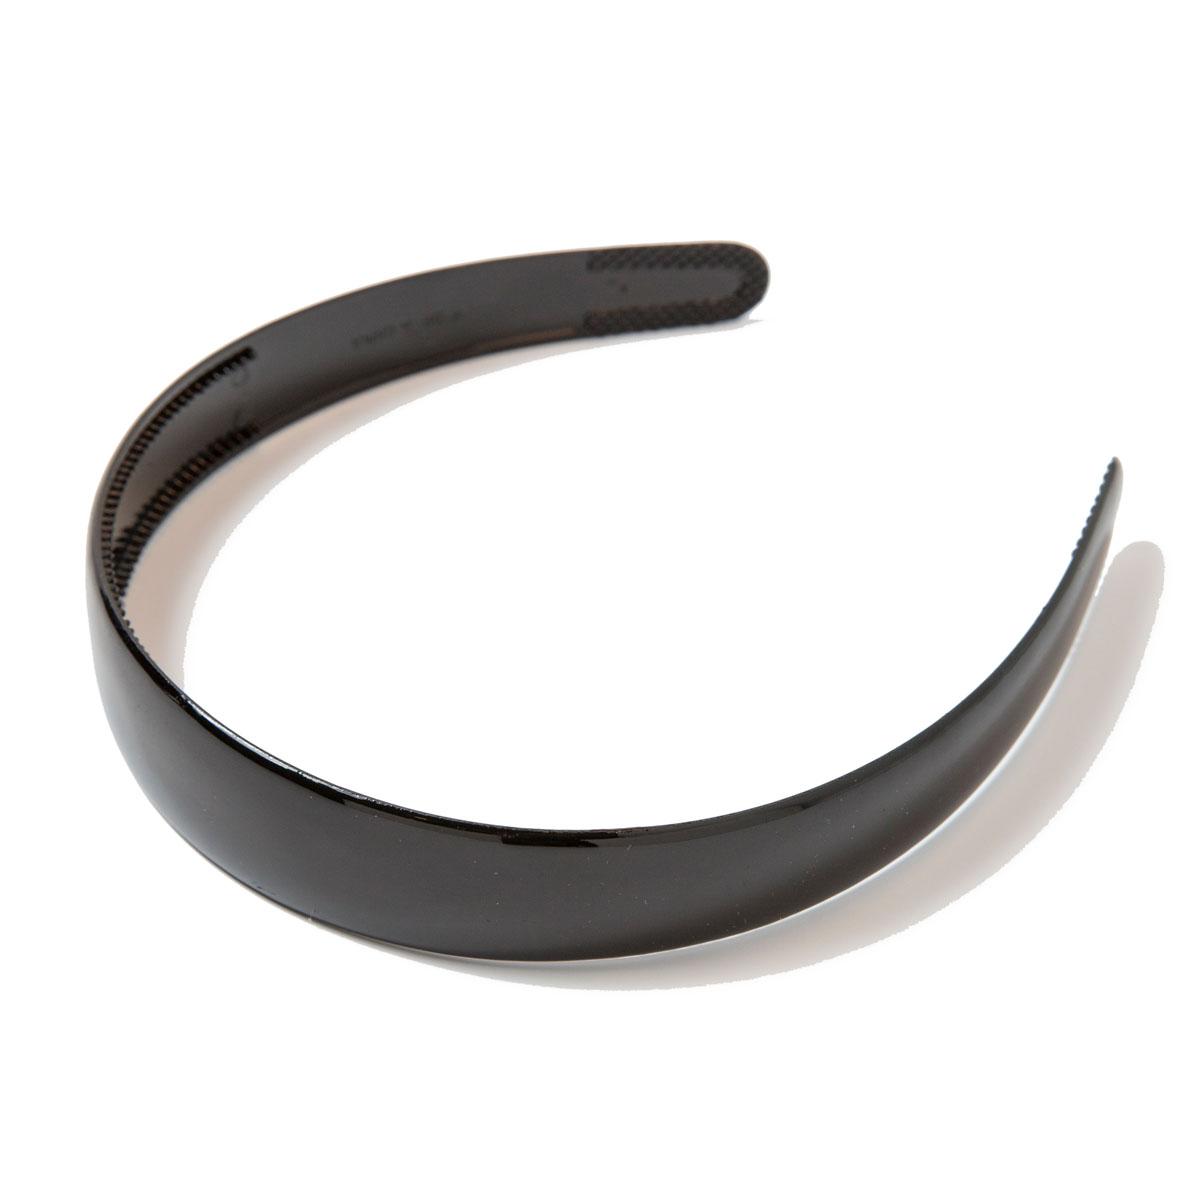 Ободок для волос Mitya Veselkov, цвет: черный. OBOD1BLASatin Hair 7 BR730MNПравильно подобранный к цветовой гамме одежды, ободок сделает вас стильной и женственной, подчеркнет красивые черты вашего лица.Лаконичный ободок для волос Mitya Veselkov выполнен из прочного пластика.Ободок позволит не только убрать непослушные волосы со лба, но и придать вашему образу романтичности и очарования.